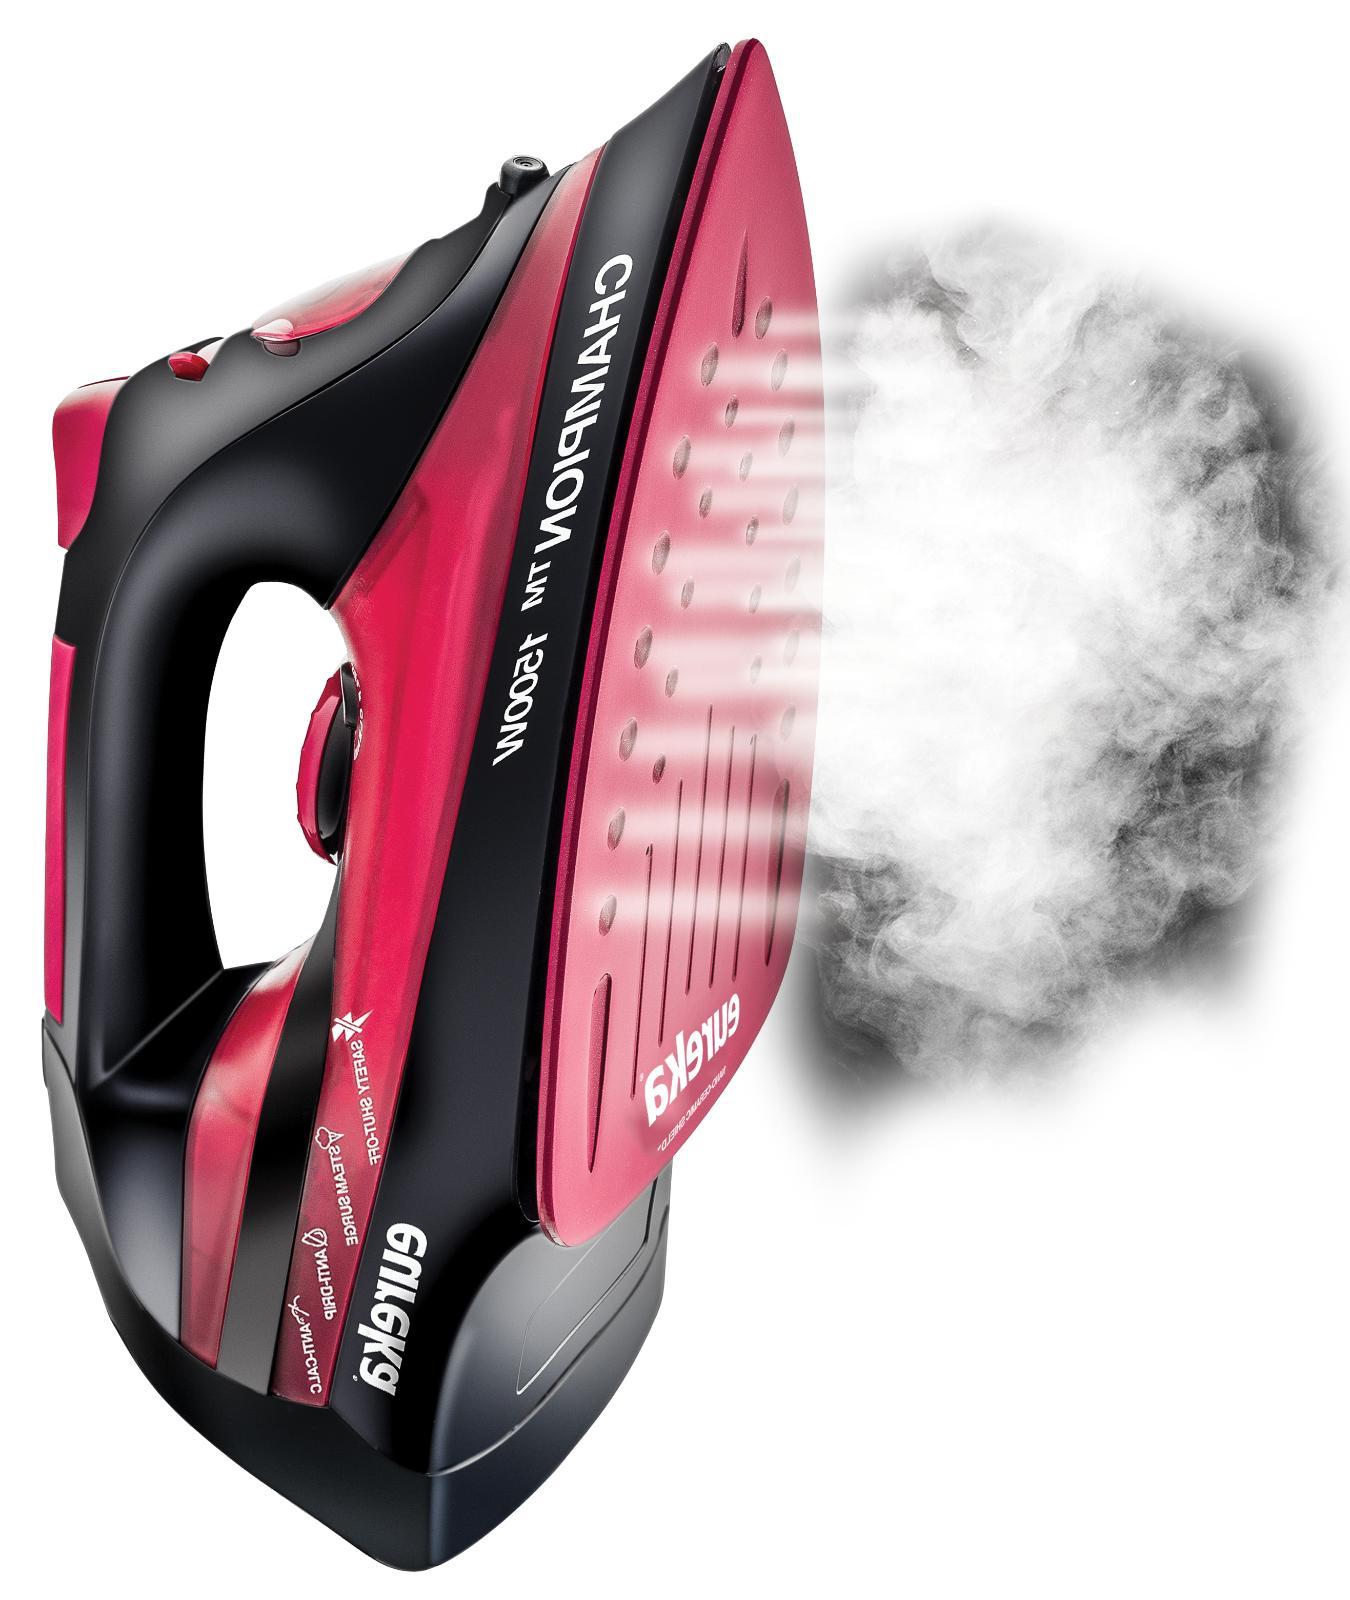 Steam Lightweight Powerful Hot 1500 Iron